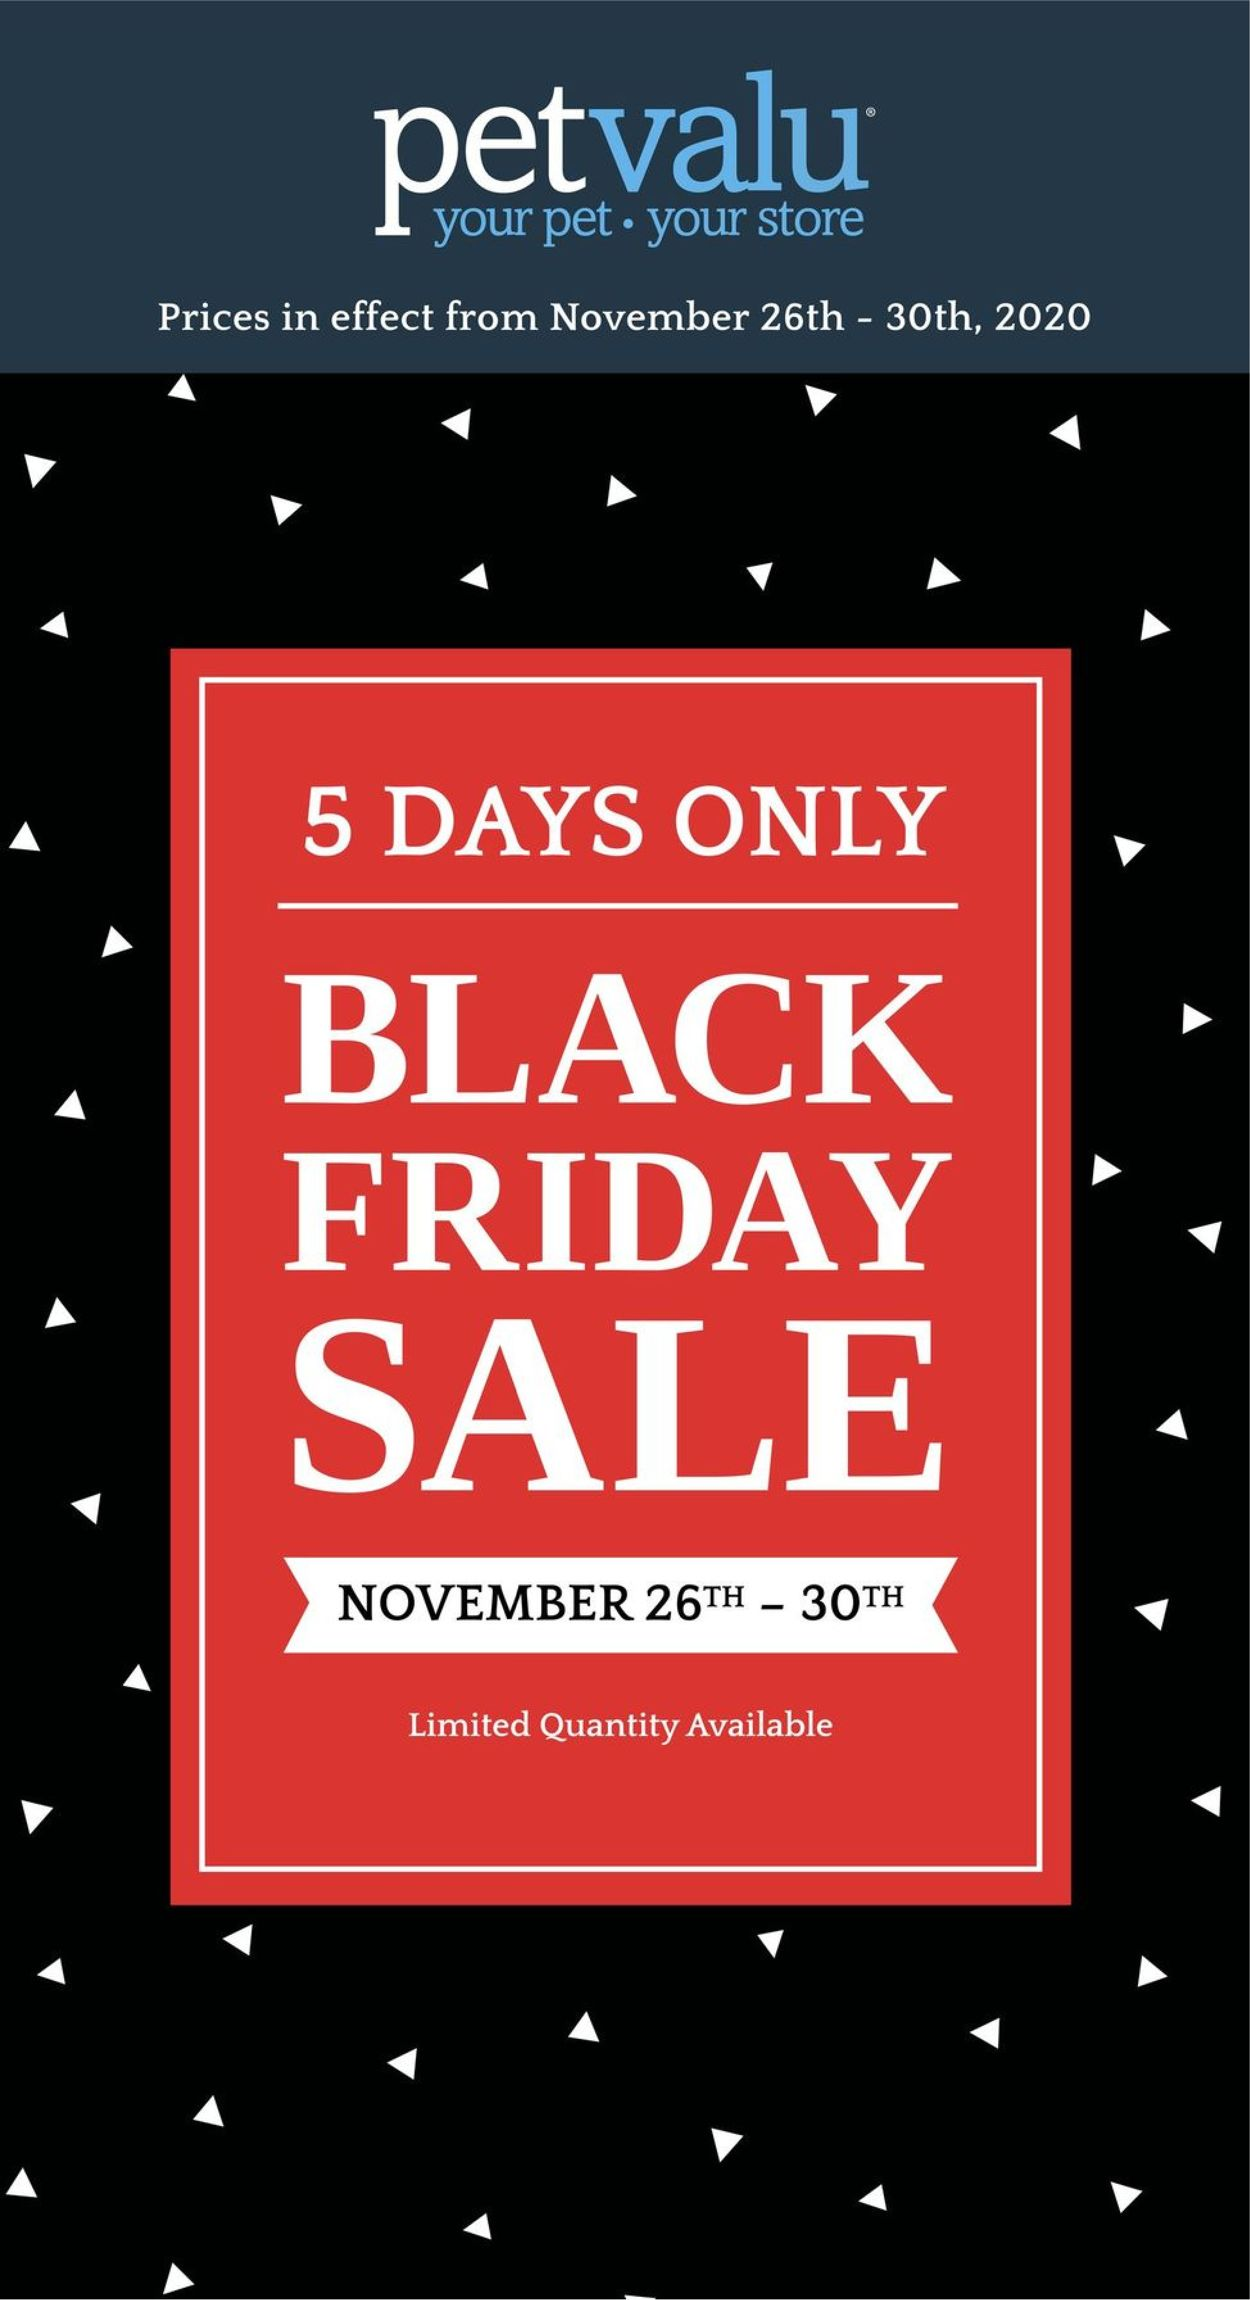 Pet Valu - Black Friday 2020 Flyer - 11/26-11/30/2020